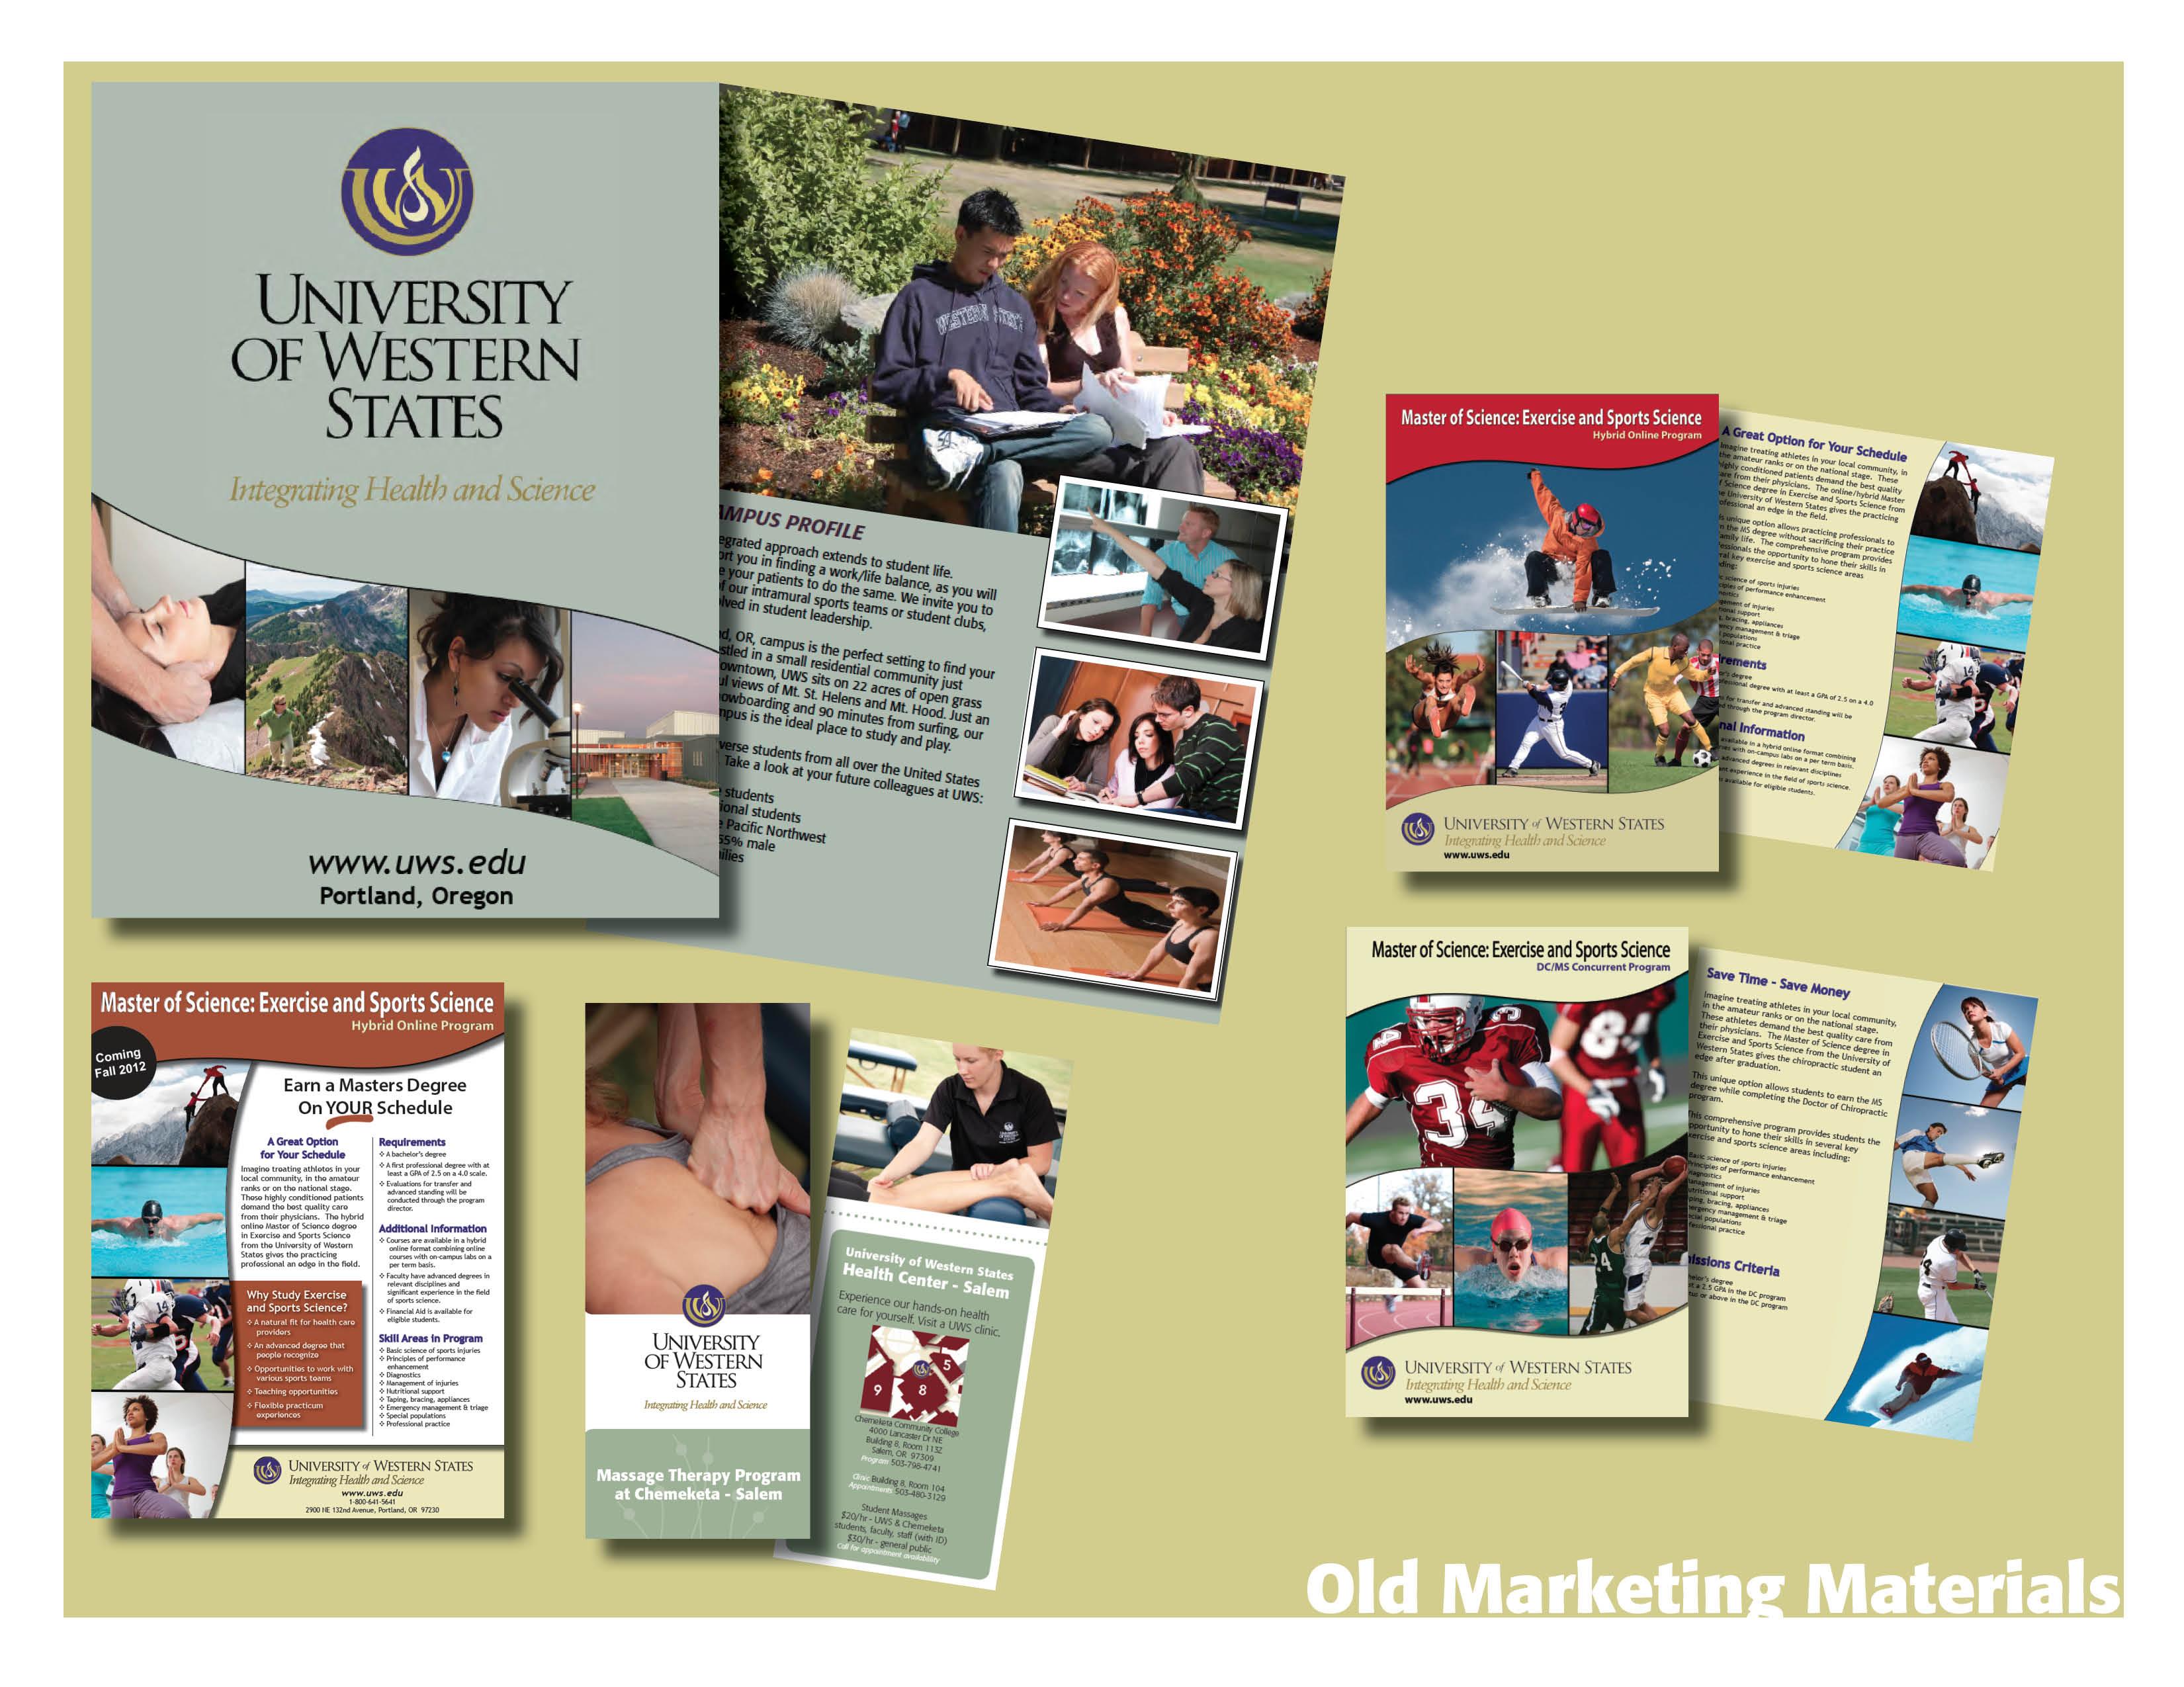 Branding case study - Miller Media Solutions Marketing Materials